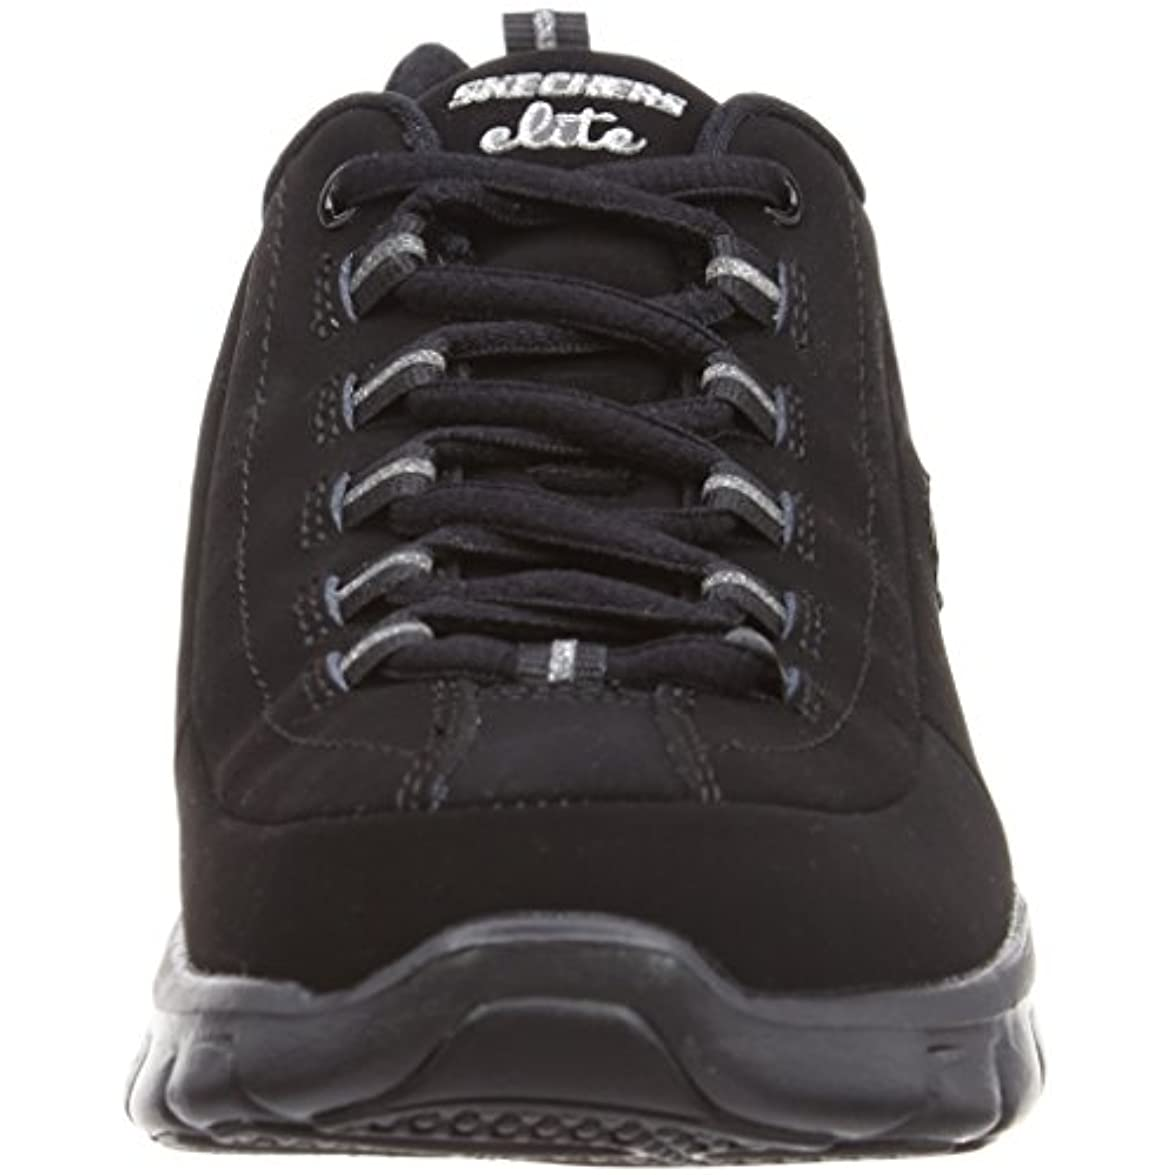 Skechers Synergy nbsp;trend Setter Sneaker Donna